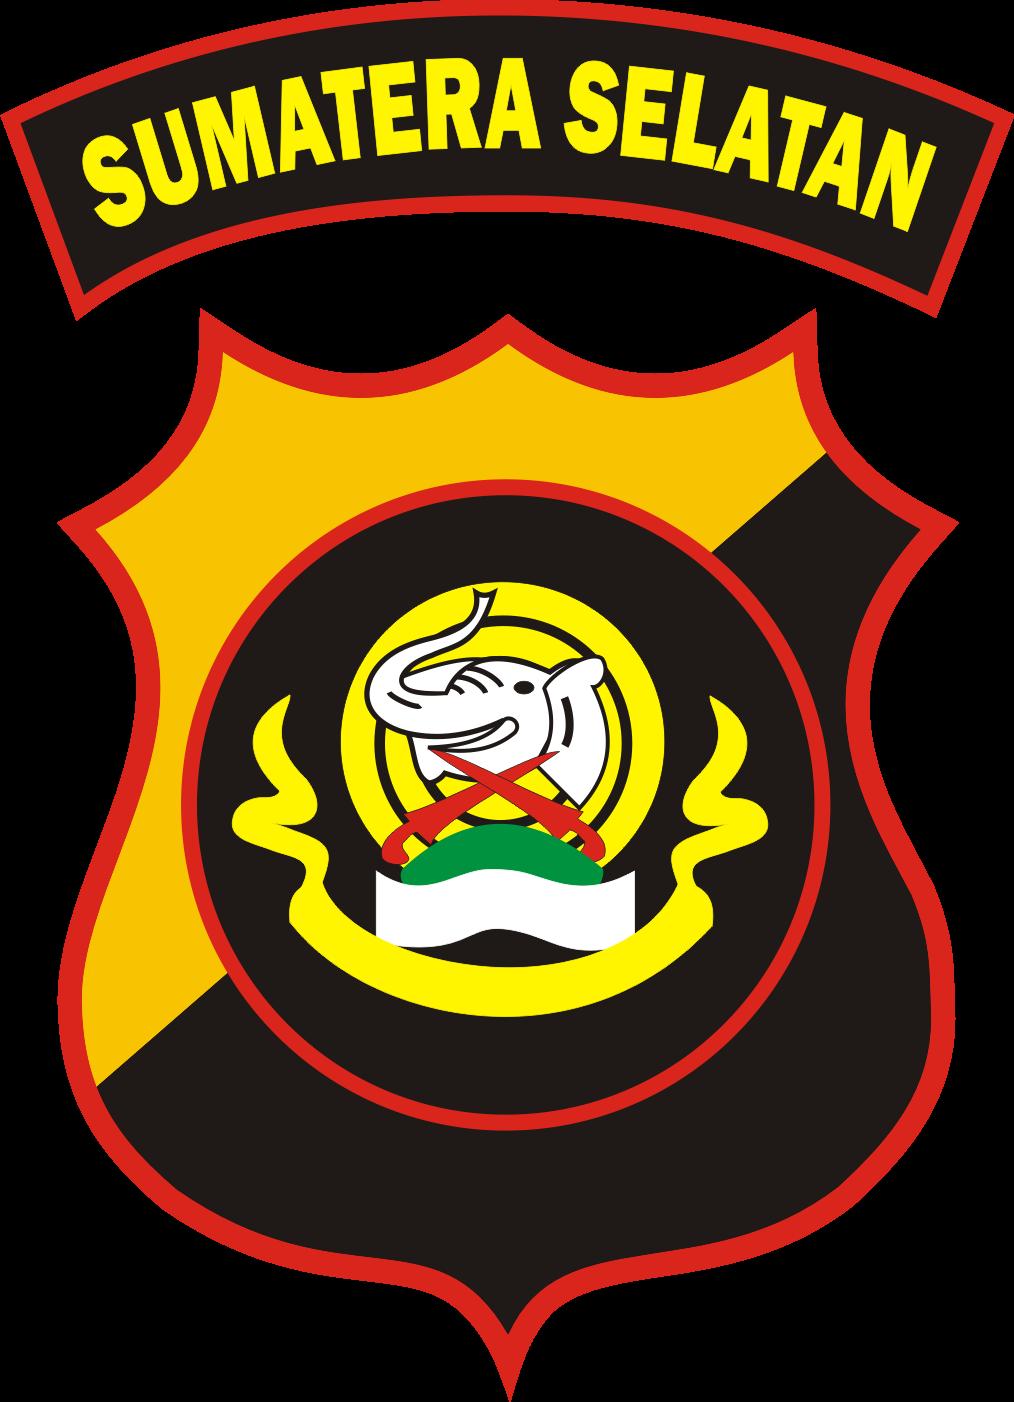 Kepolisian Daerah Sumatra Selatan - Wikipedia bahasa